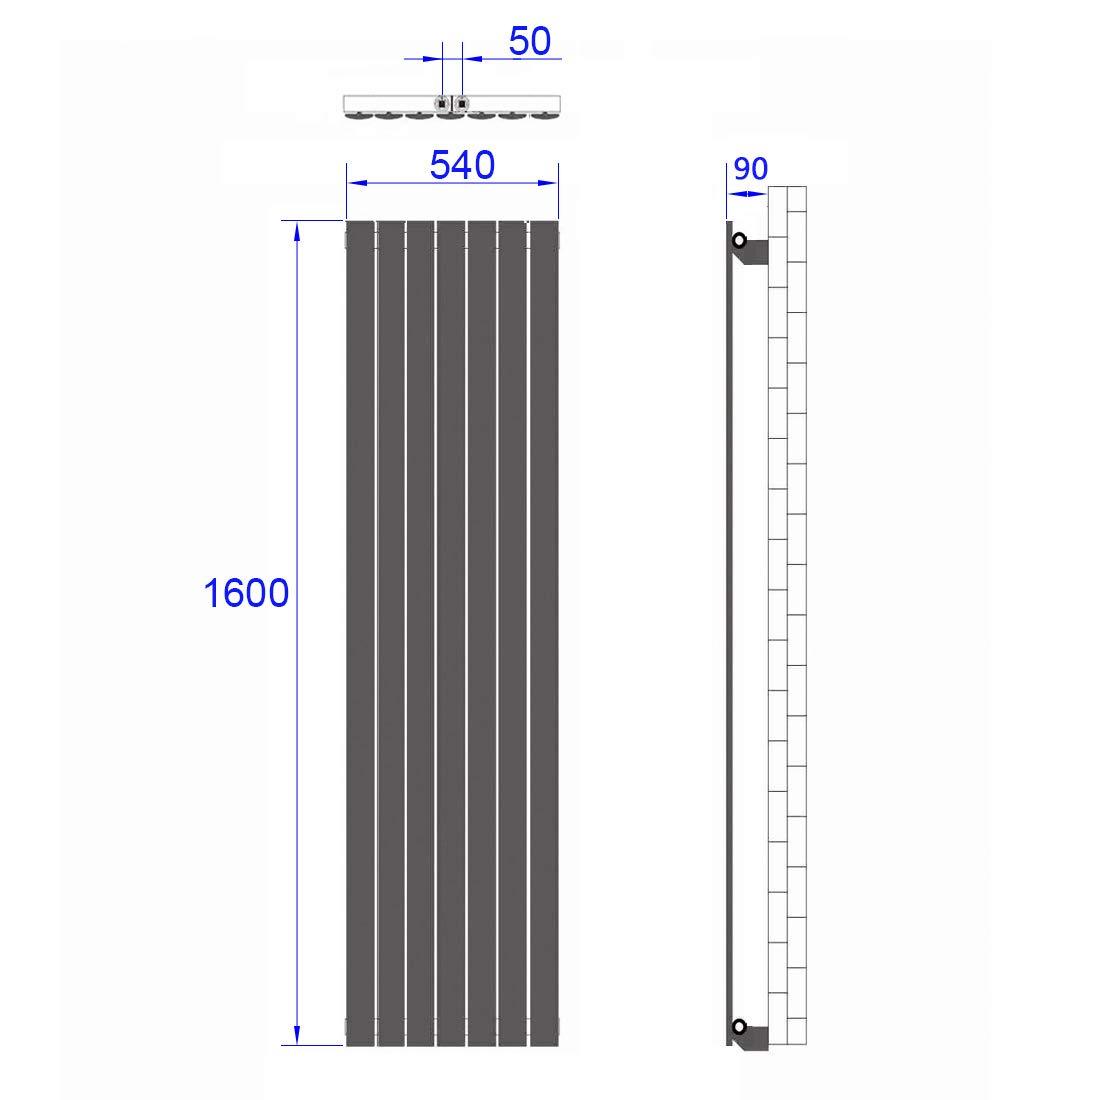 Design Flach Heizk/örper Design Vertikal Paneelheizk/örper 1800 x 540 mm Antrazit Flach Einreihig Mittelanschluss Heizung